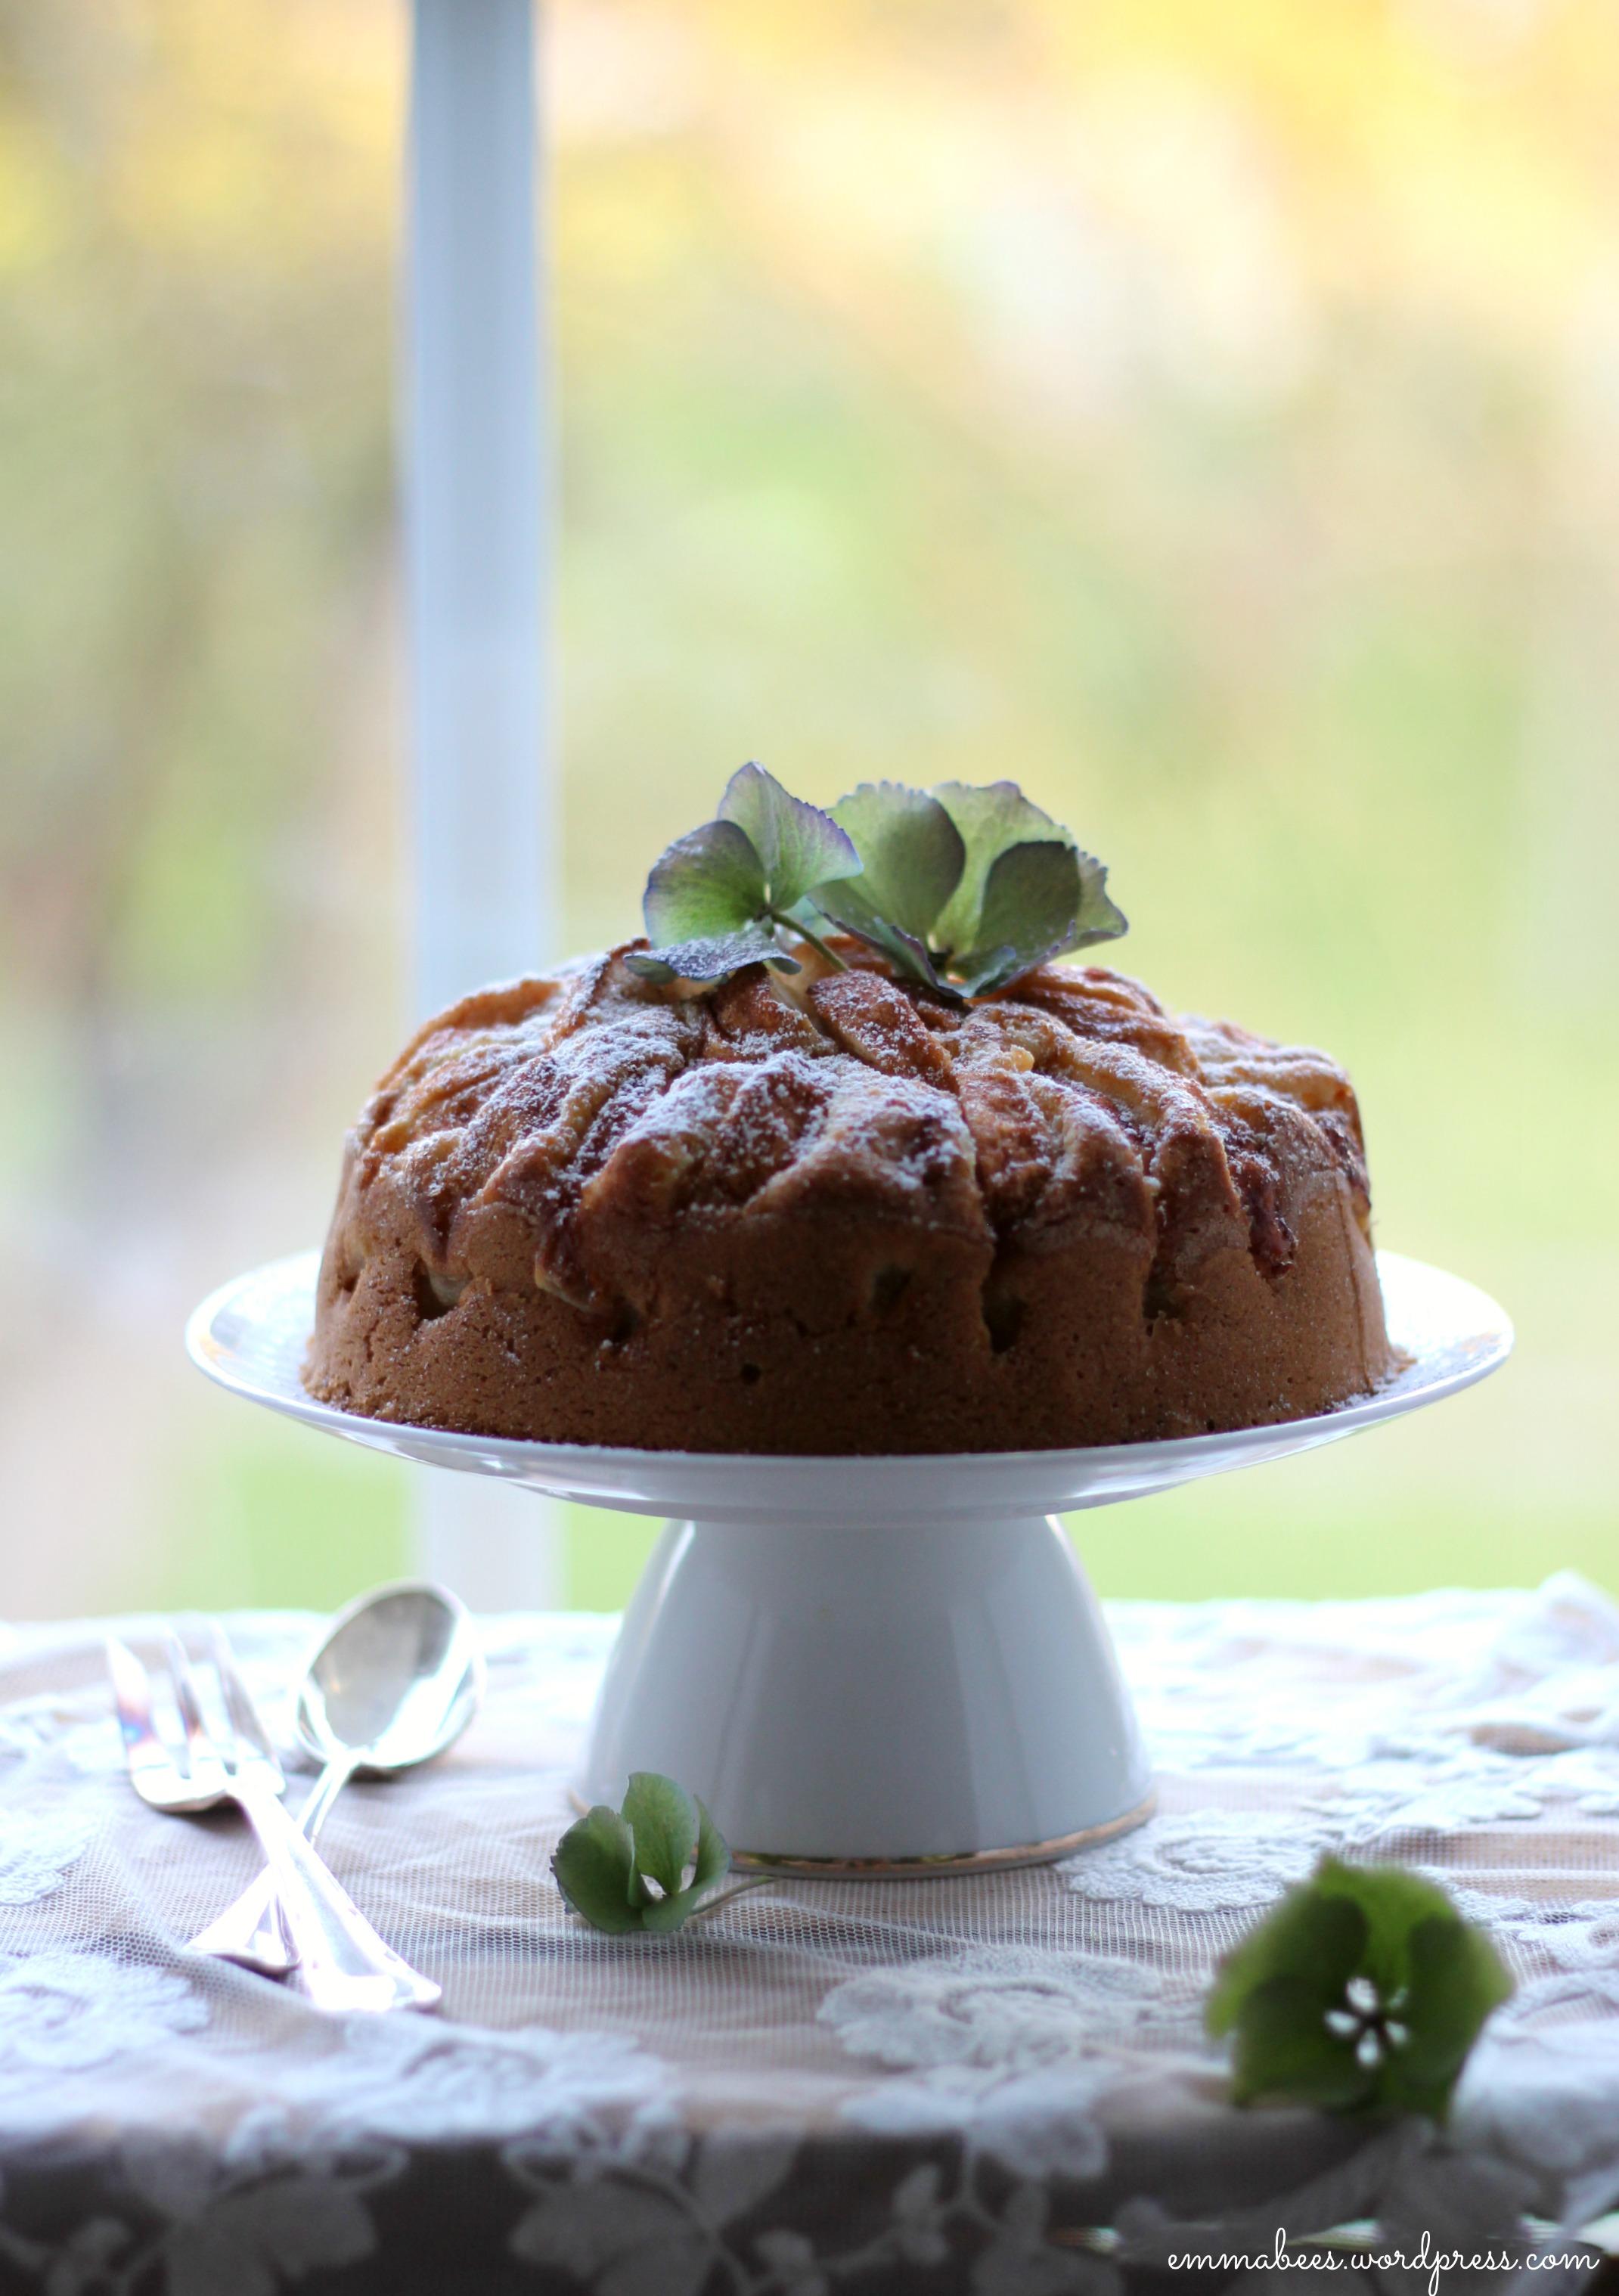 Ab Ins Wochenende Und Dieser Kleine Feine Kuchen Ist Wie Gemacht Dafur Emma Bee